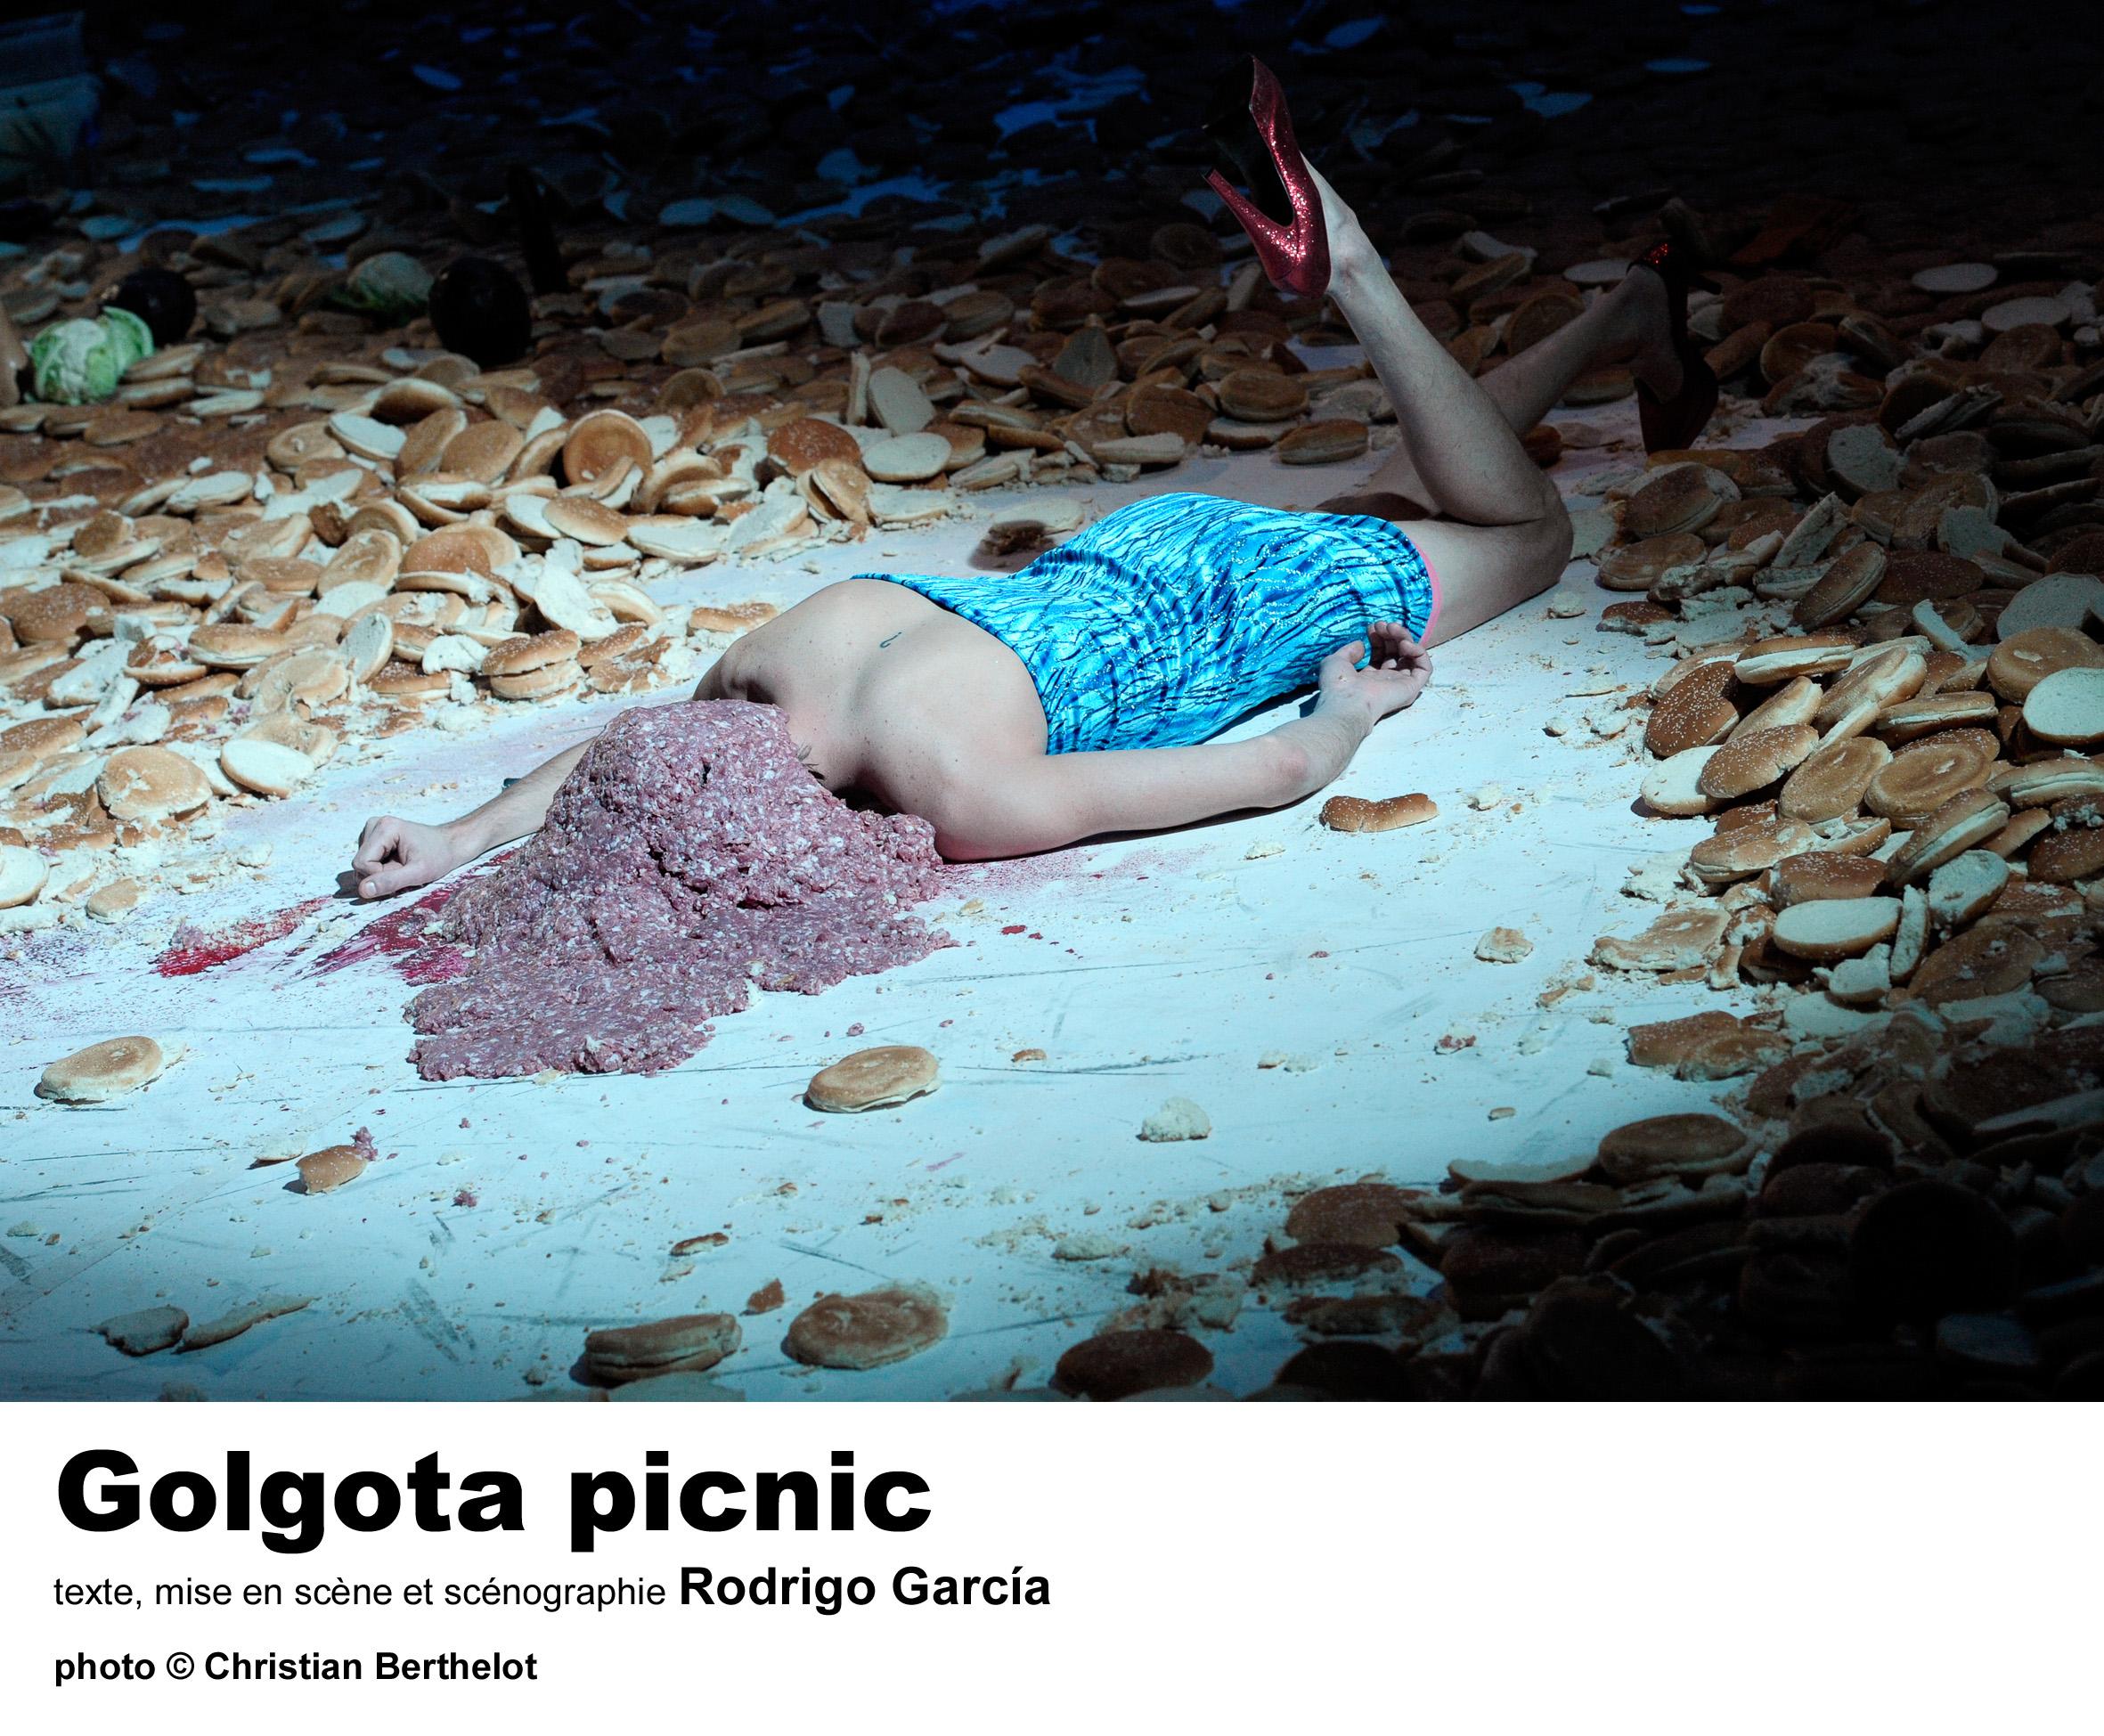 Golgota_picnic_2 - copie